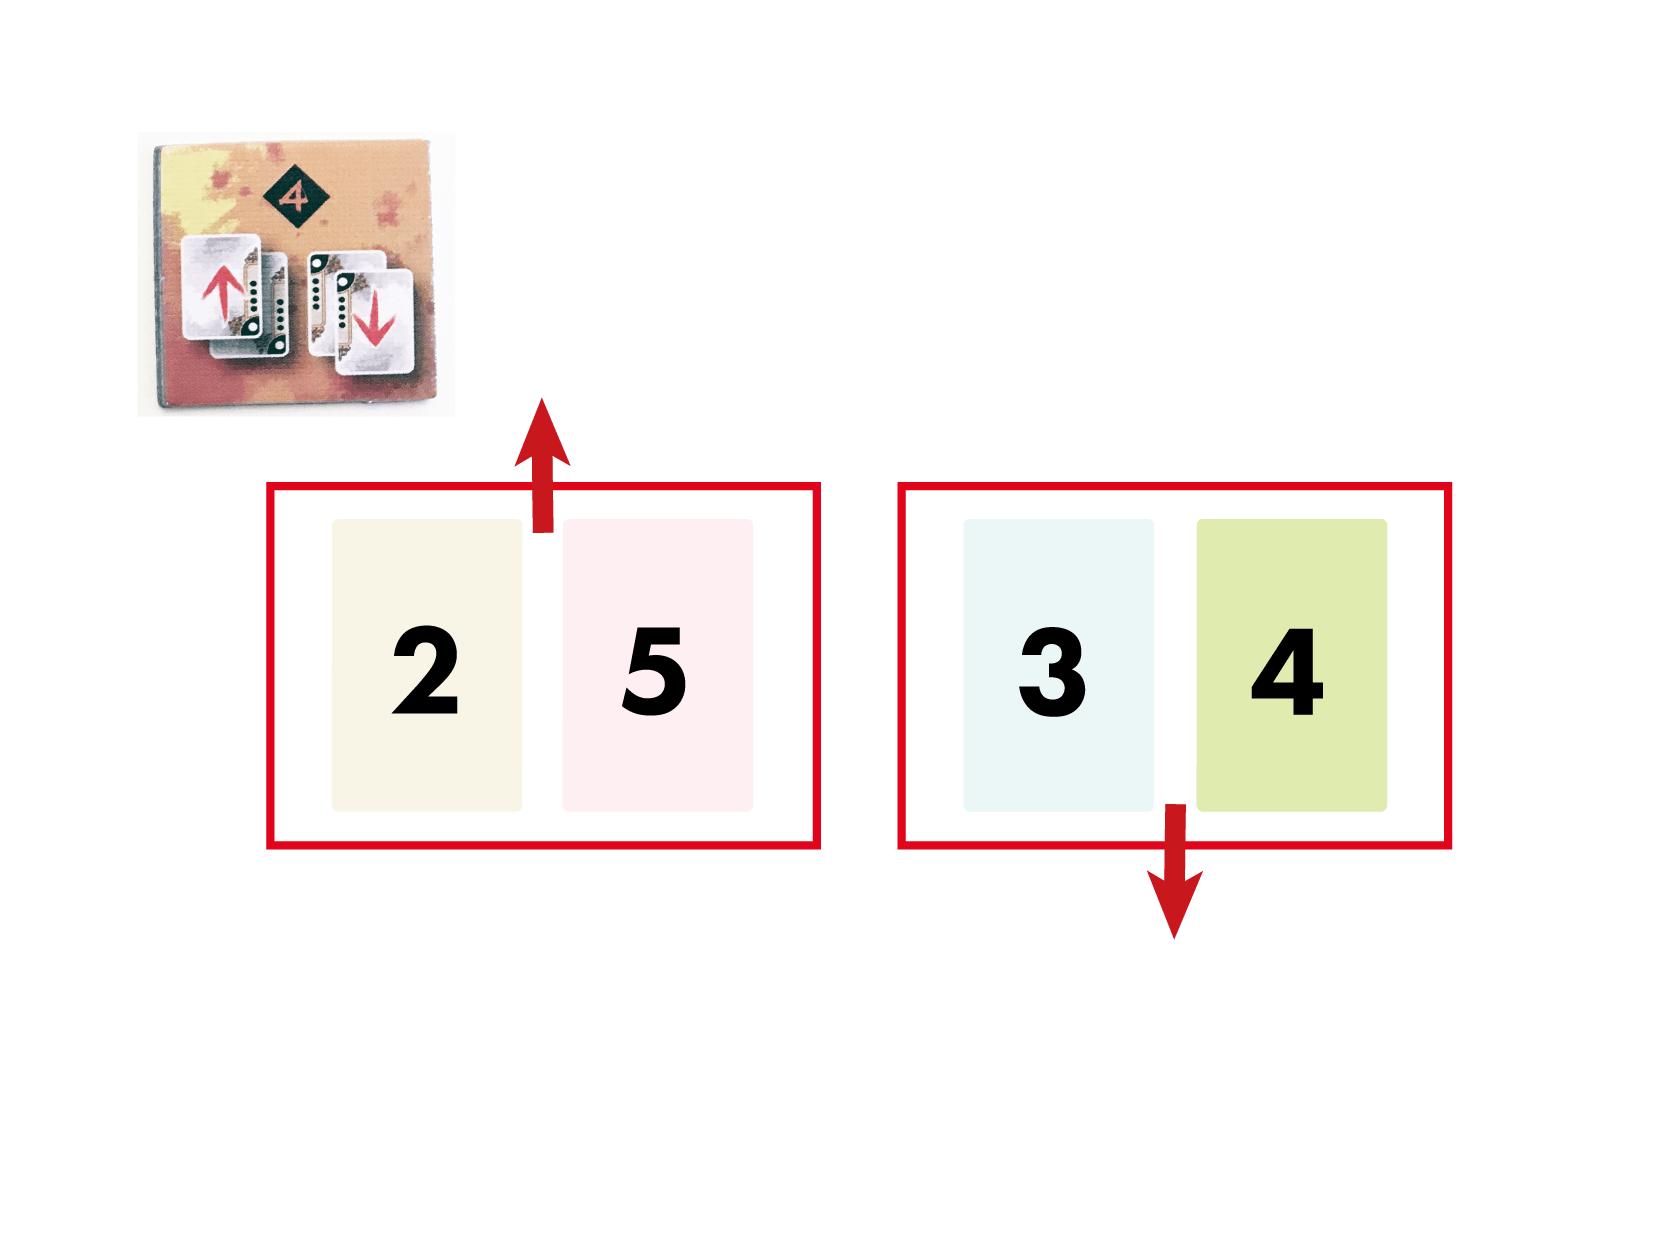 花見小路-図-4番のアクション